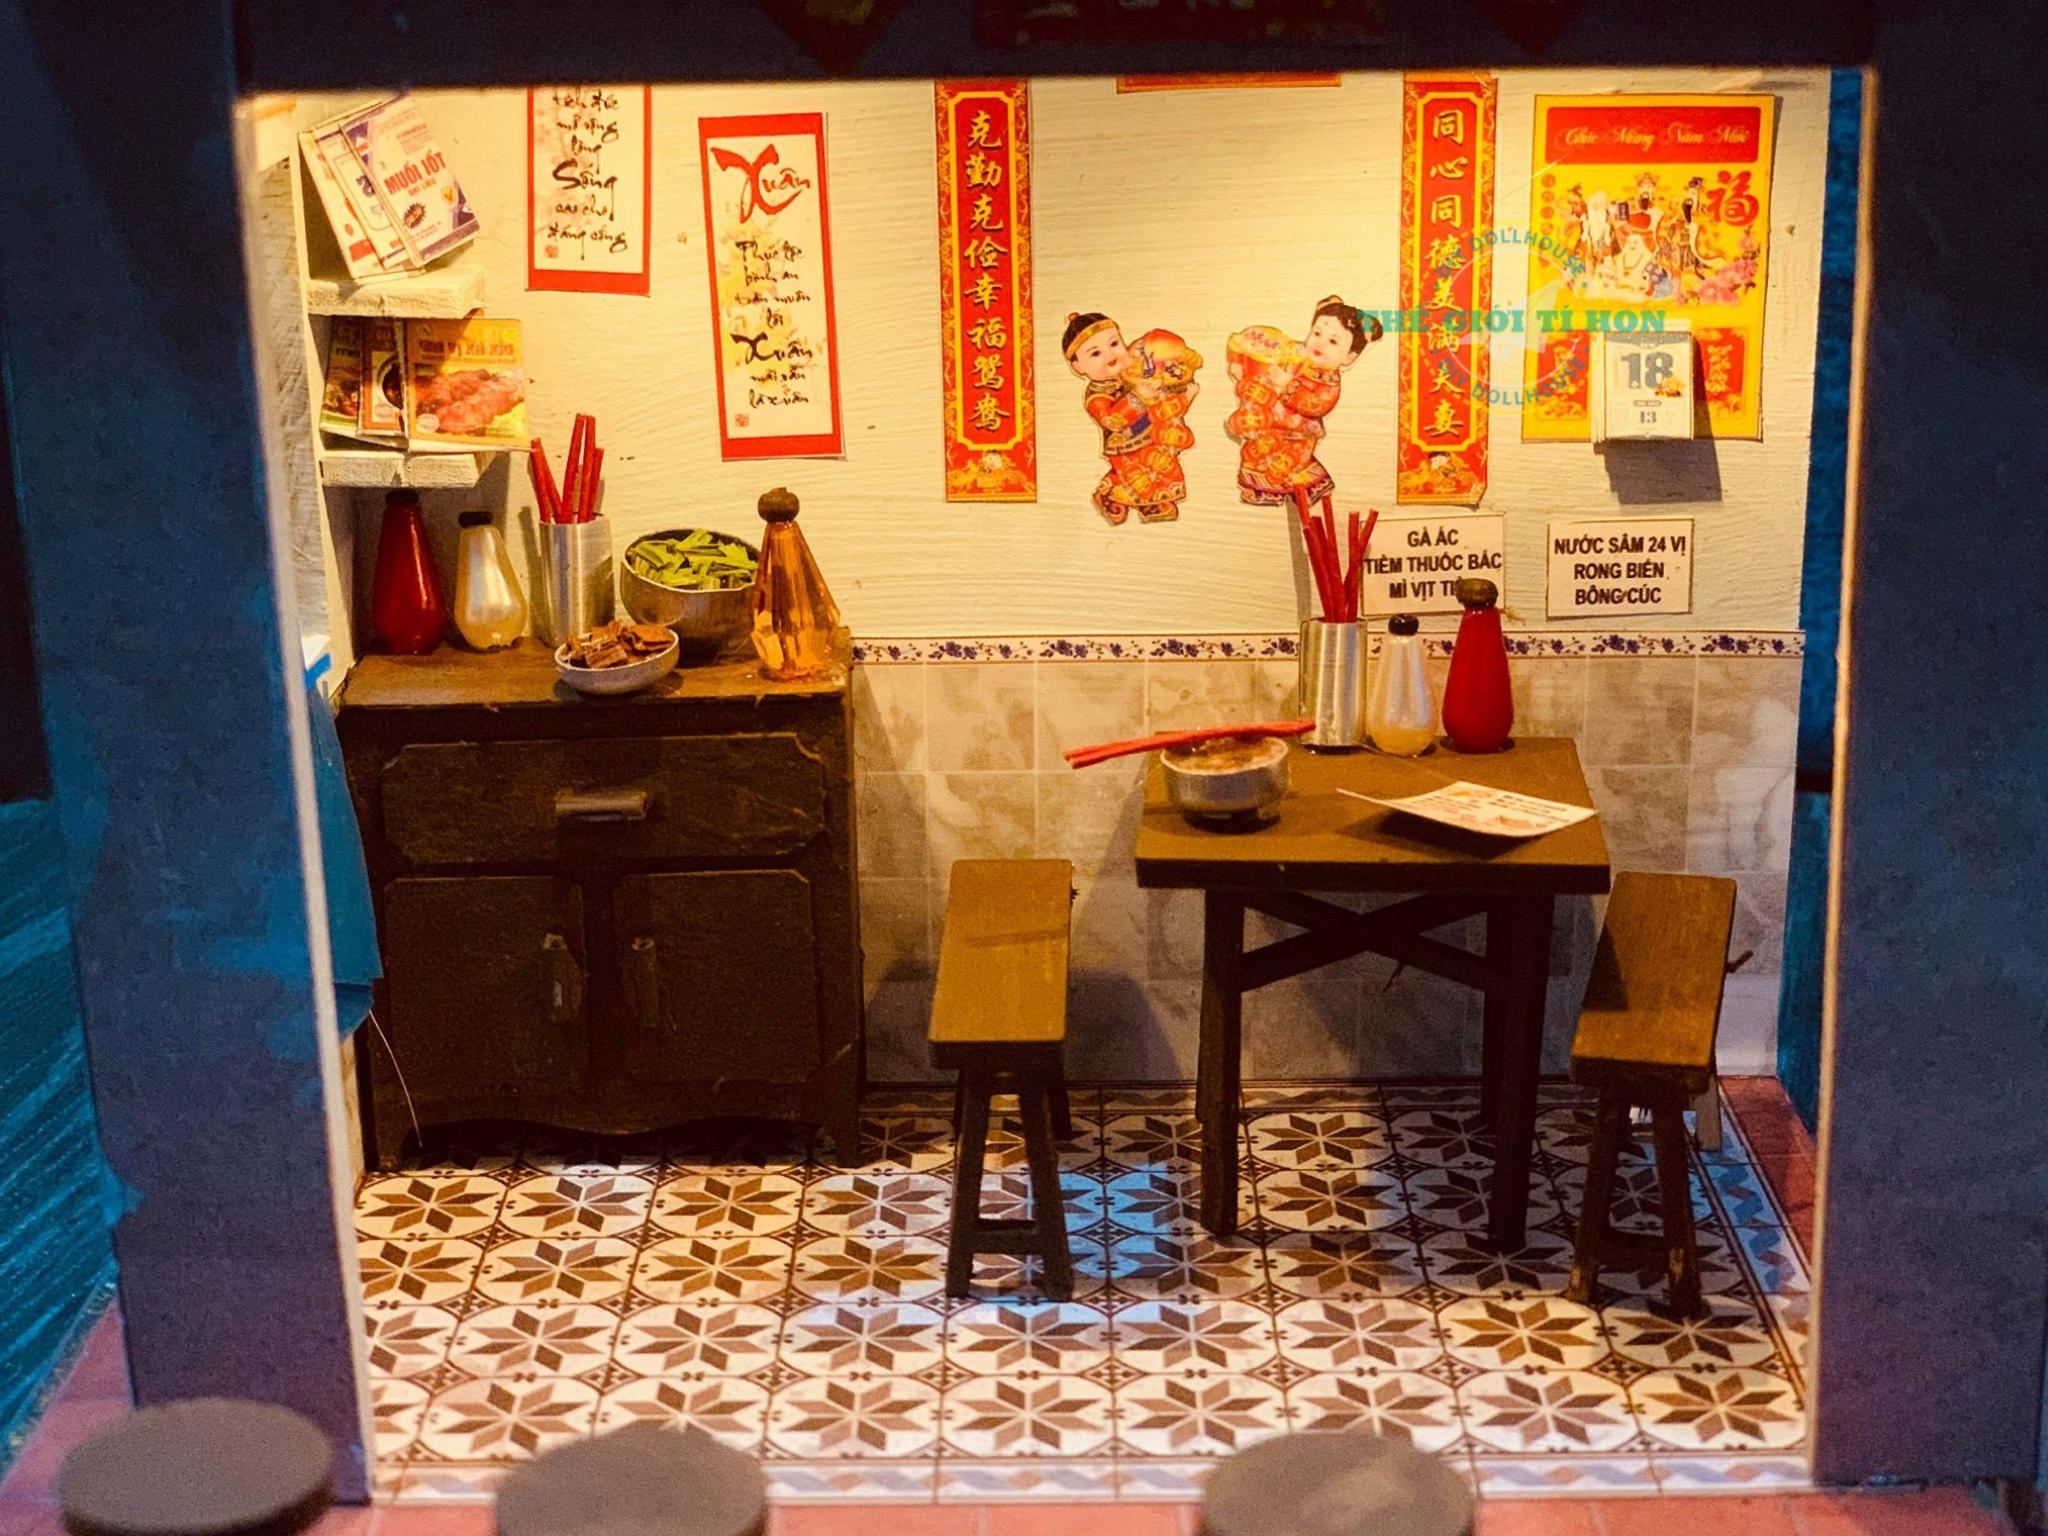 Mô Hình Cửa Hàng Sài Gòn Thu Nhỏ DIY Của Giàu Lưu